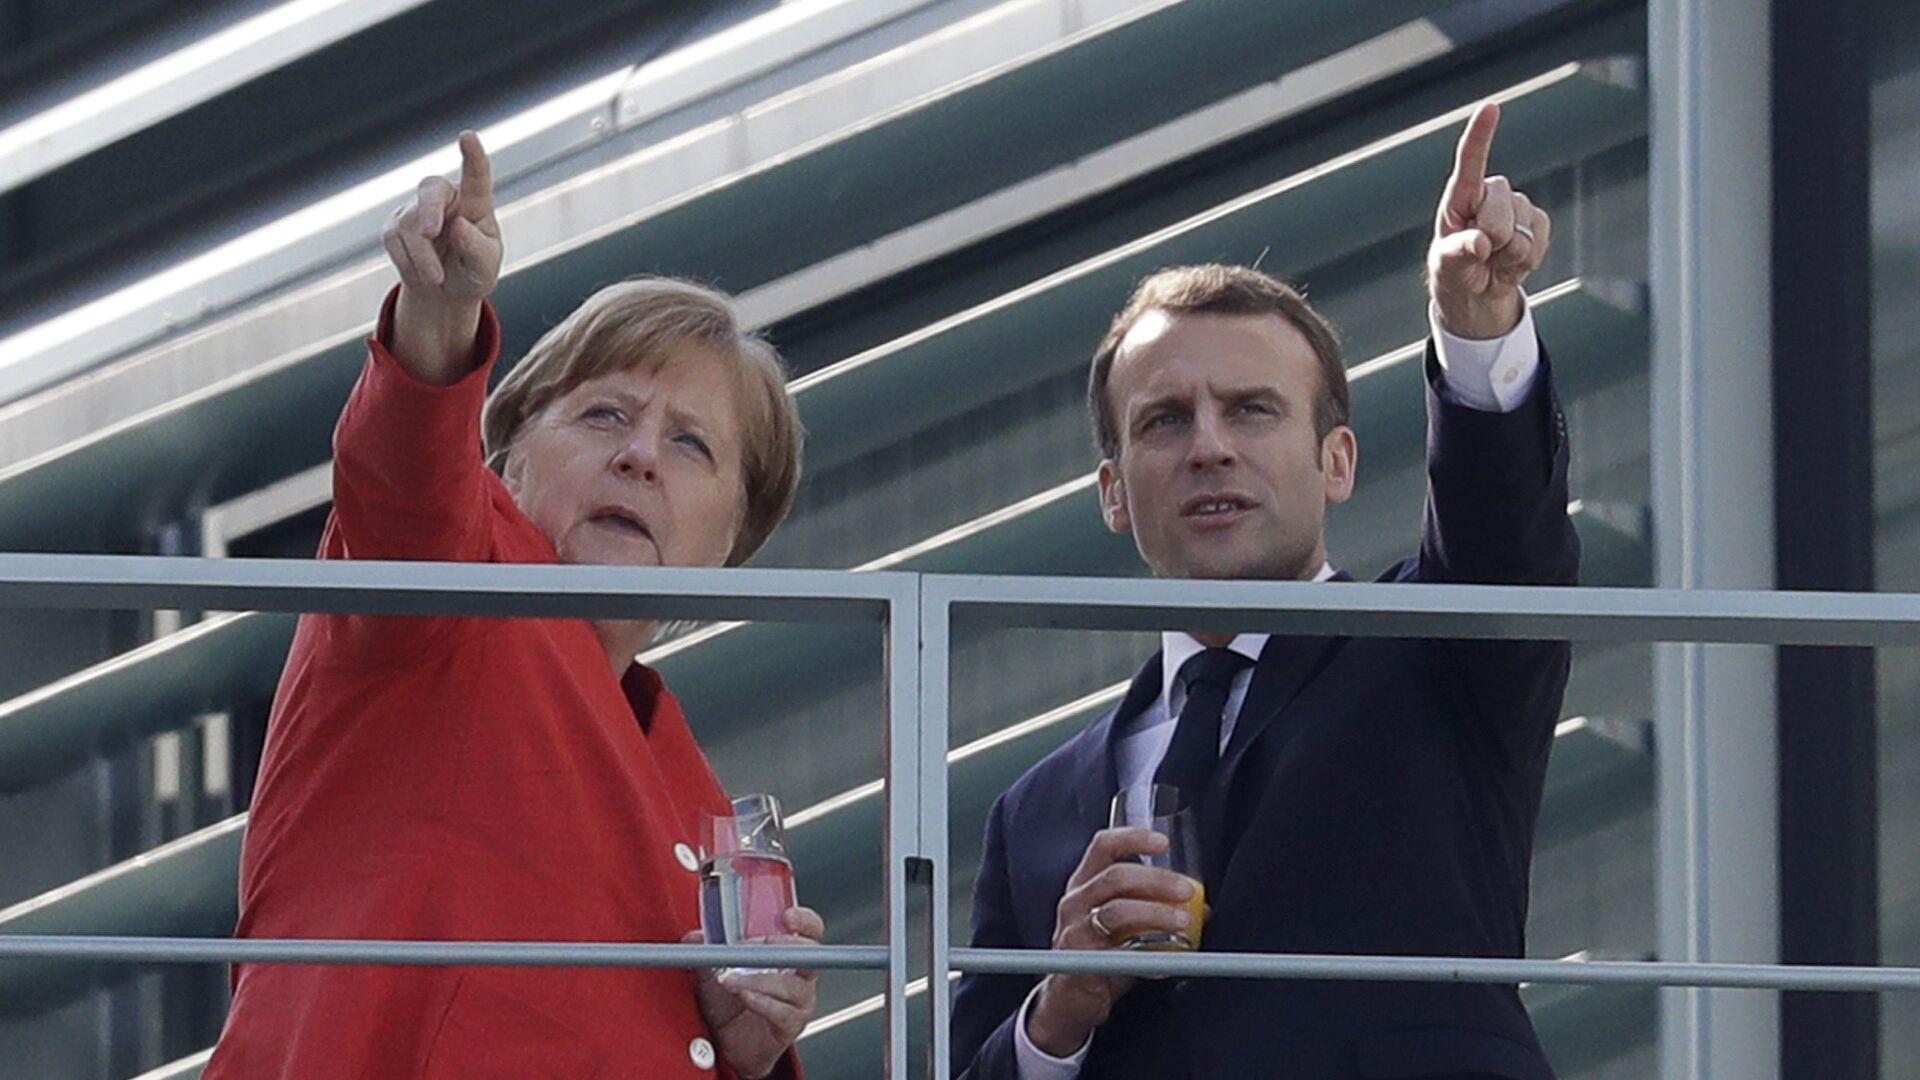 Angela Merkel i Emmanuel Macron w Berlinie, 2018 rok  - Sputnik Polska, 1920, 18.06.2021